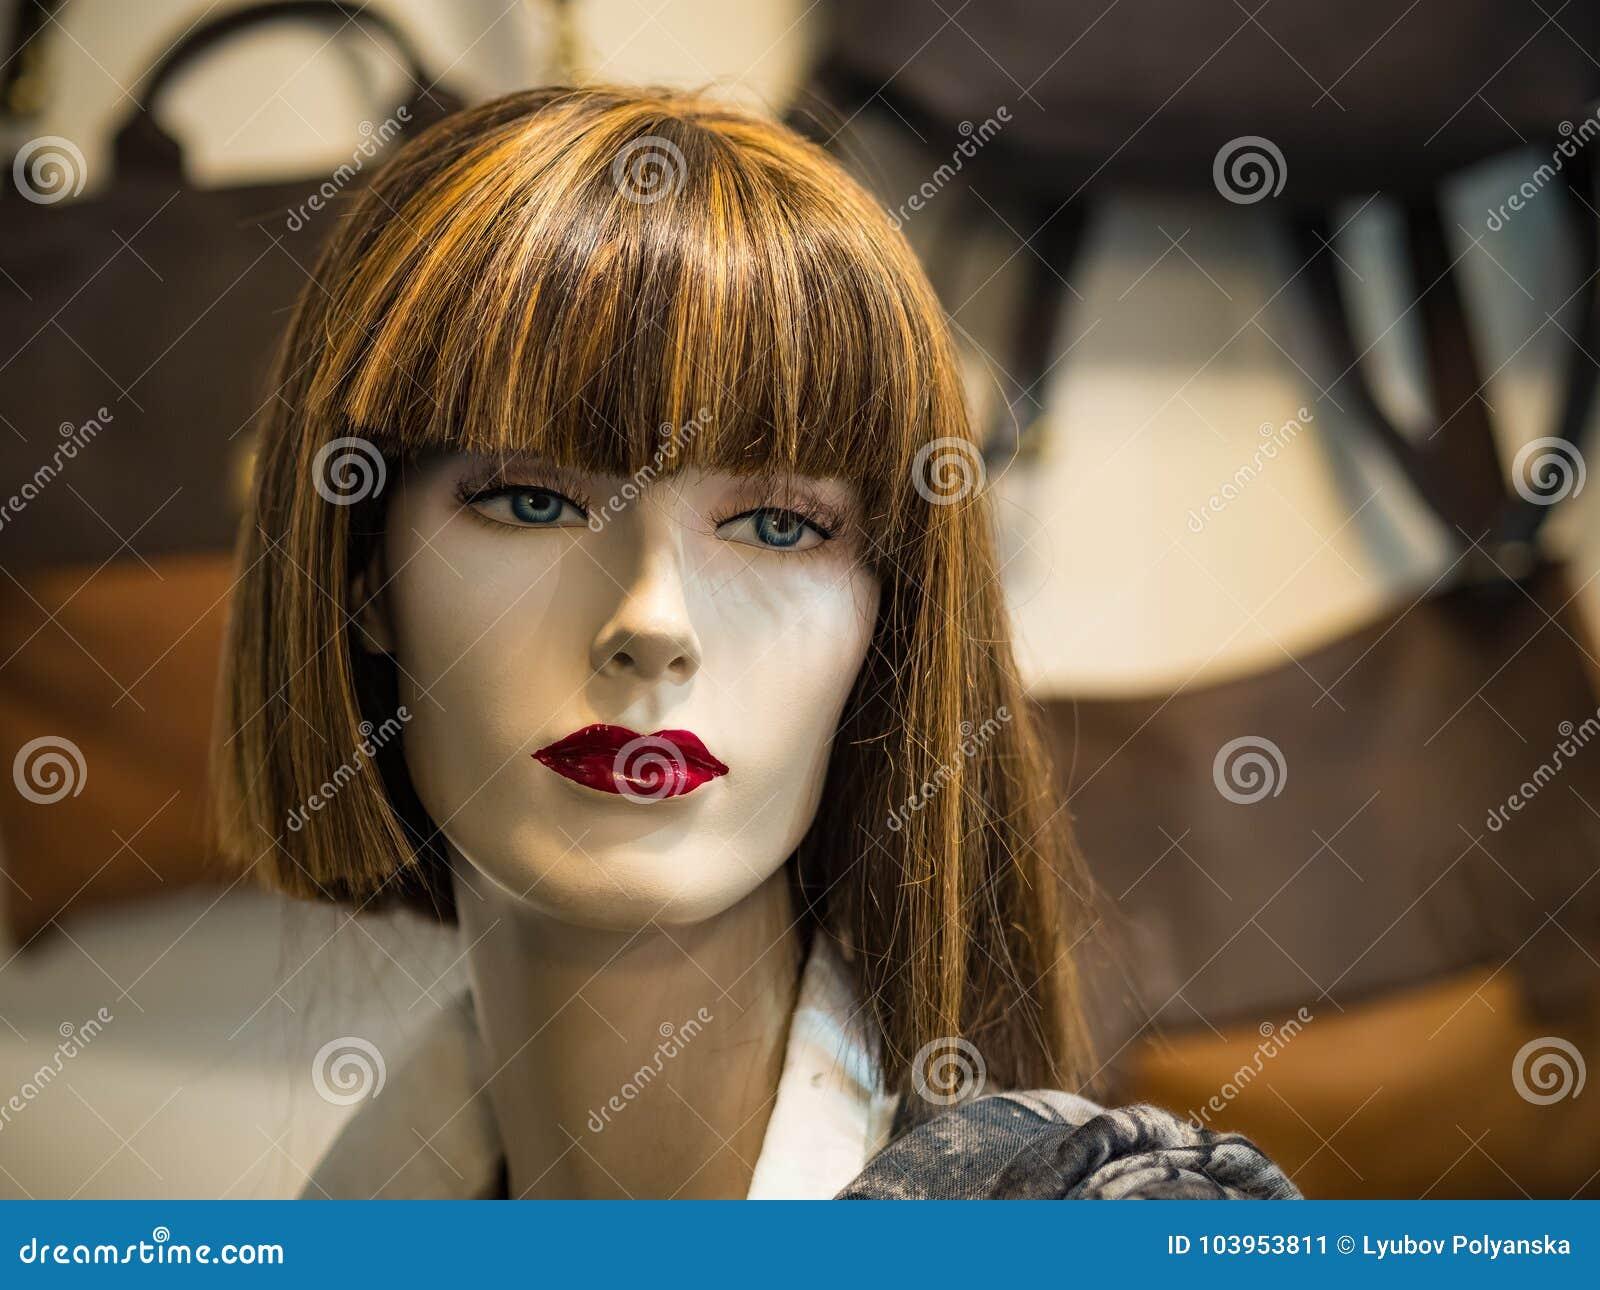 Mooi gezicht van een vrouwelijke ledenpop in een winkelvenster